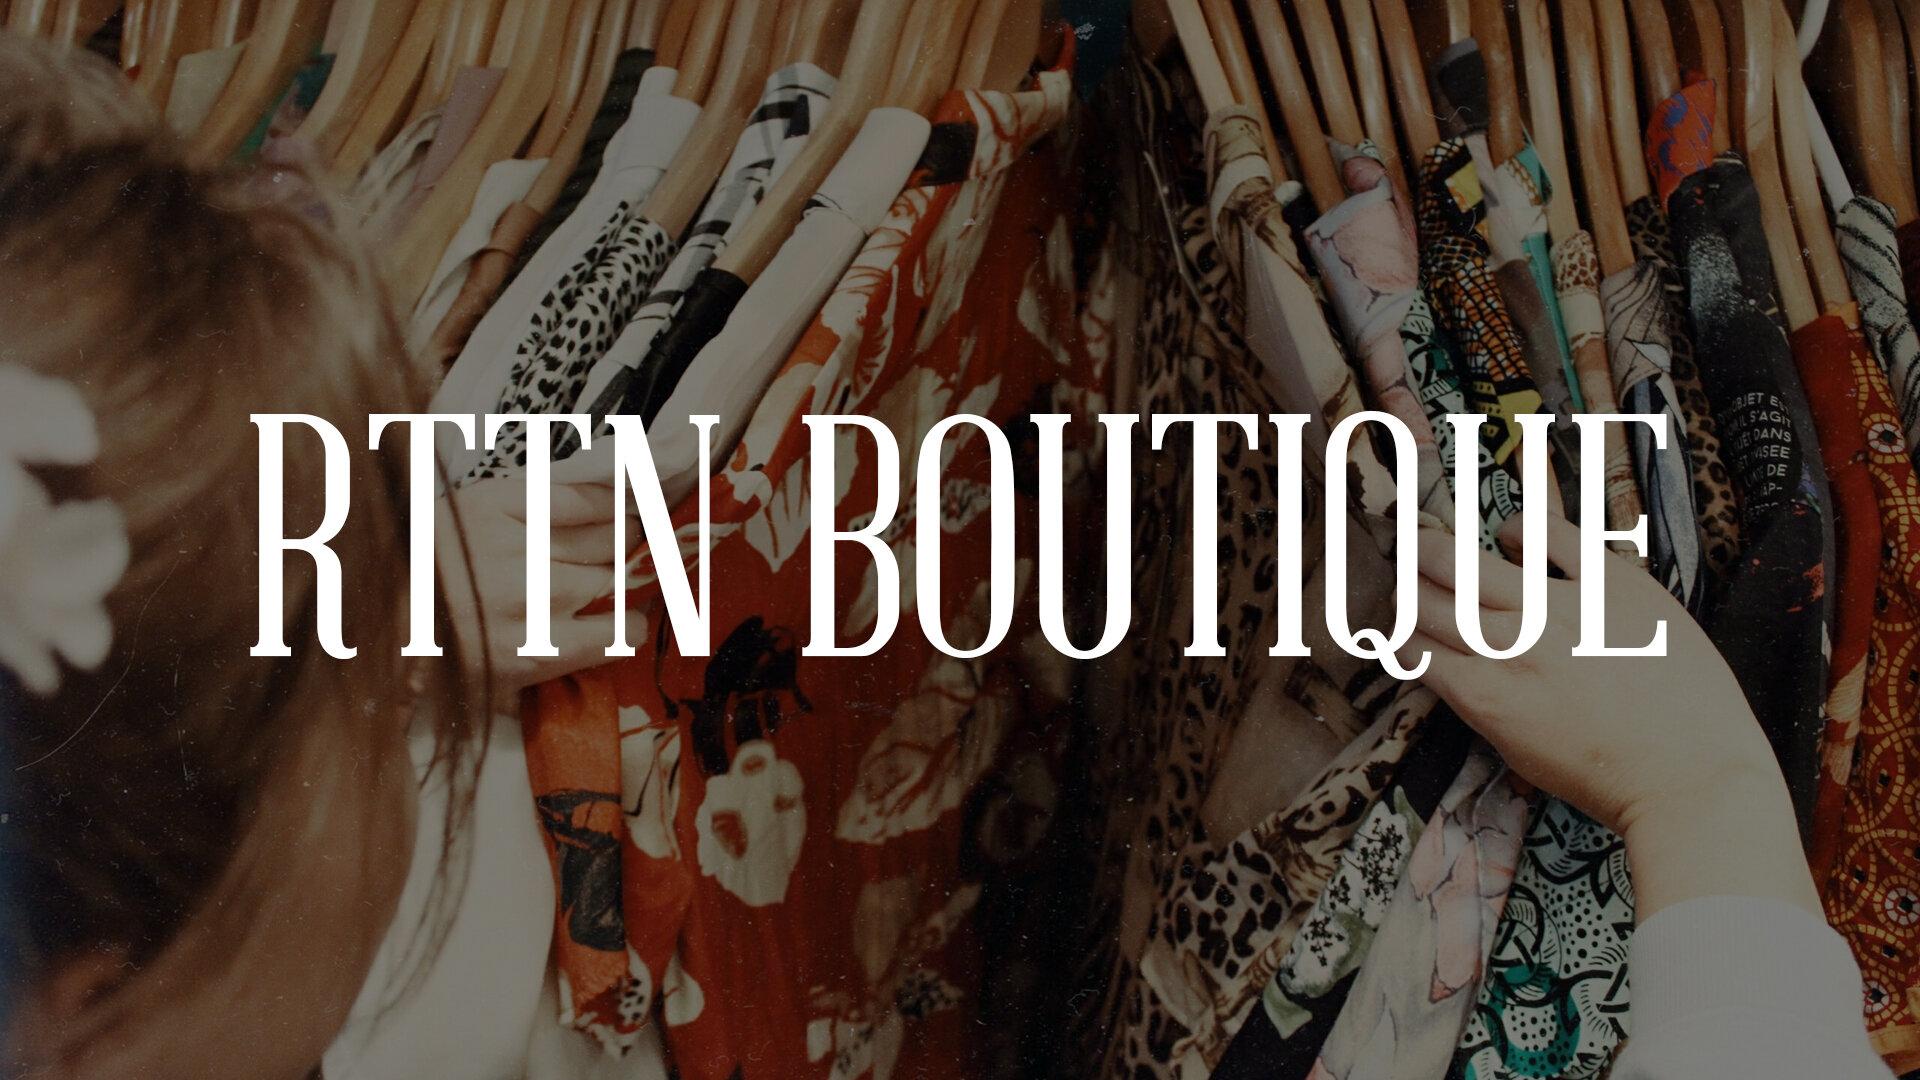 RTTN Boutique 1920x1080.jpg